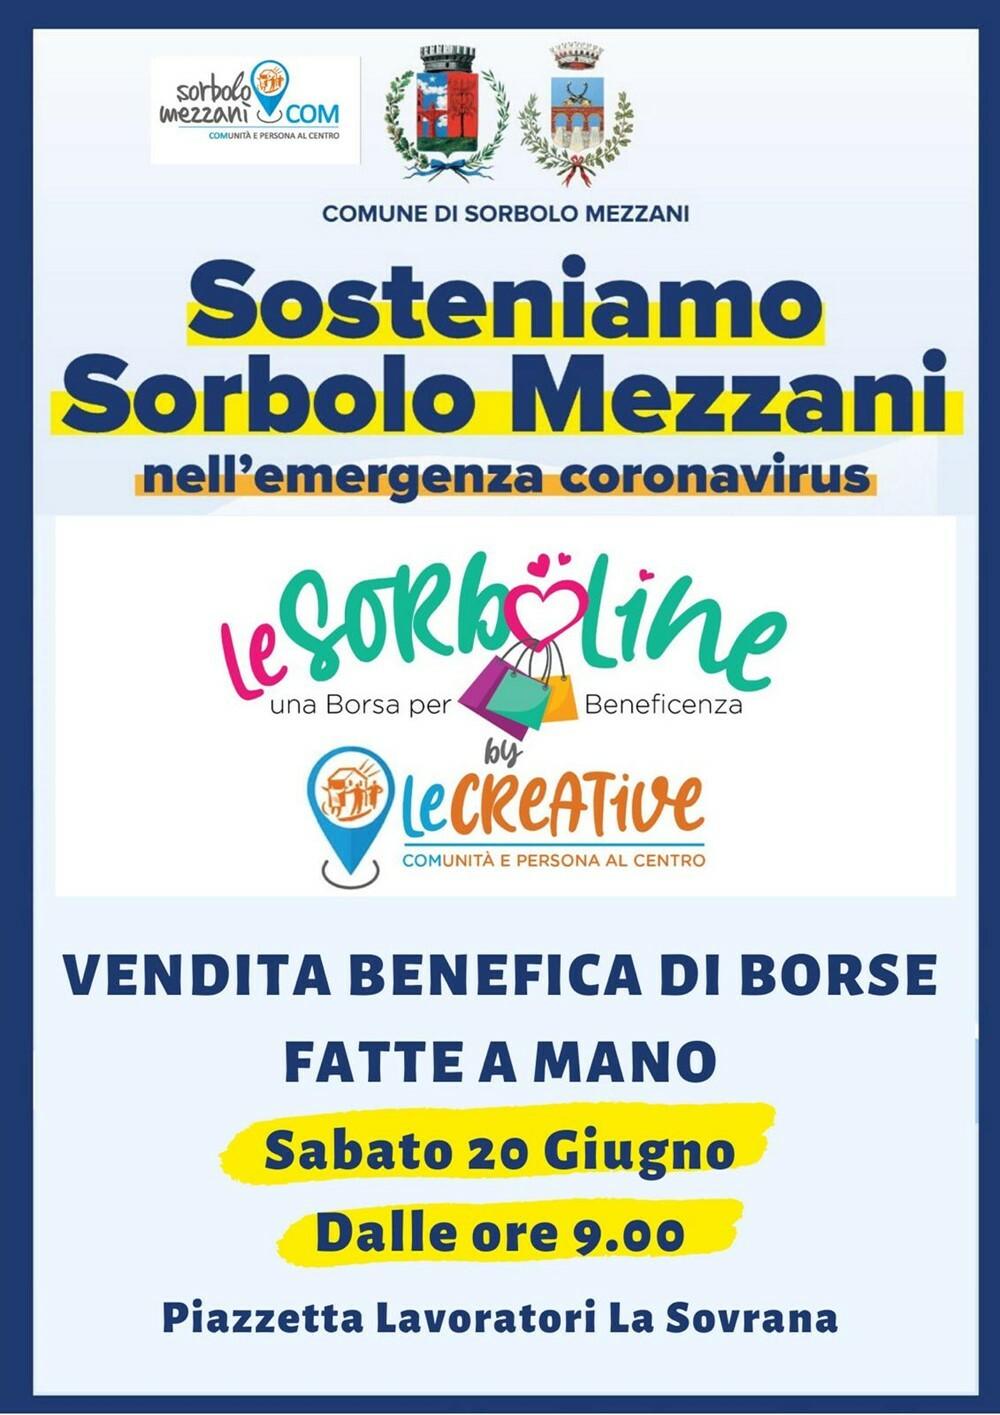 Le Sorboline Il 20 giugno vendita benefica di borse fatte a mano per sostenere le famiglie in difficoltà di Sorbolo